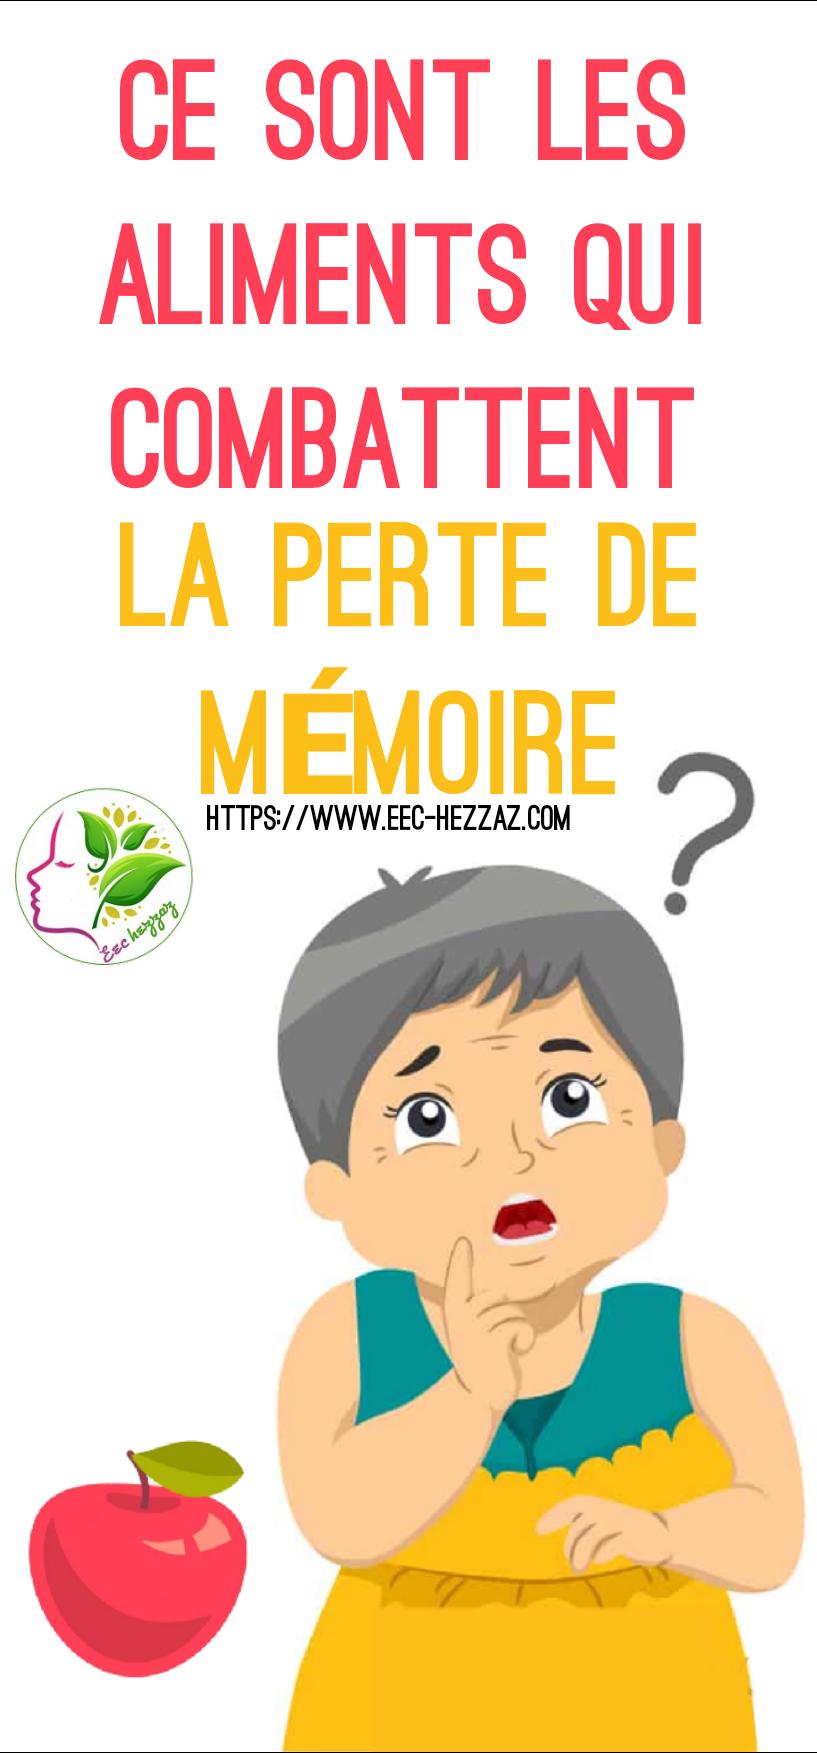 Ce sont les aliments qui combattent la perte de mémoire